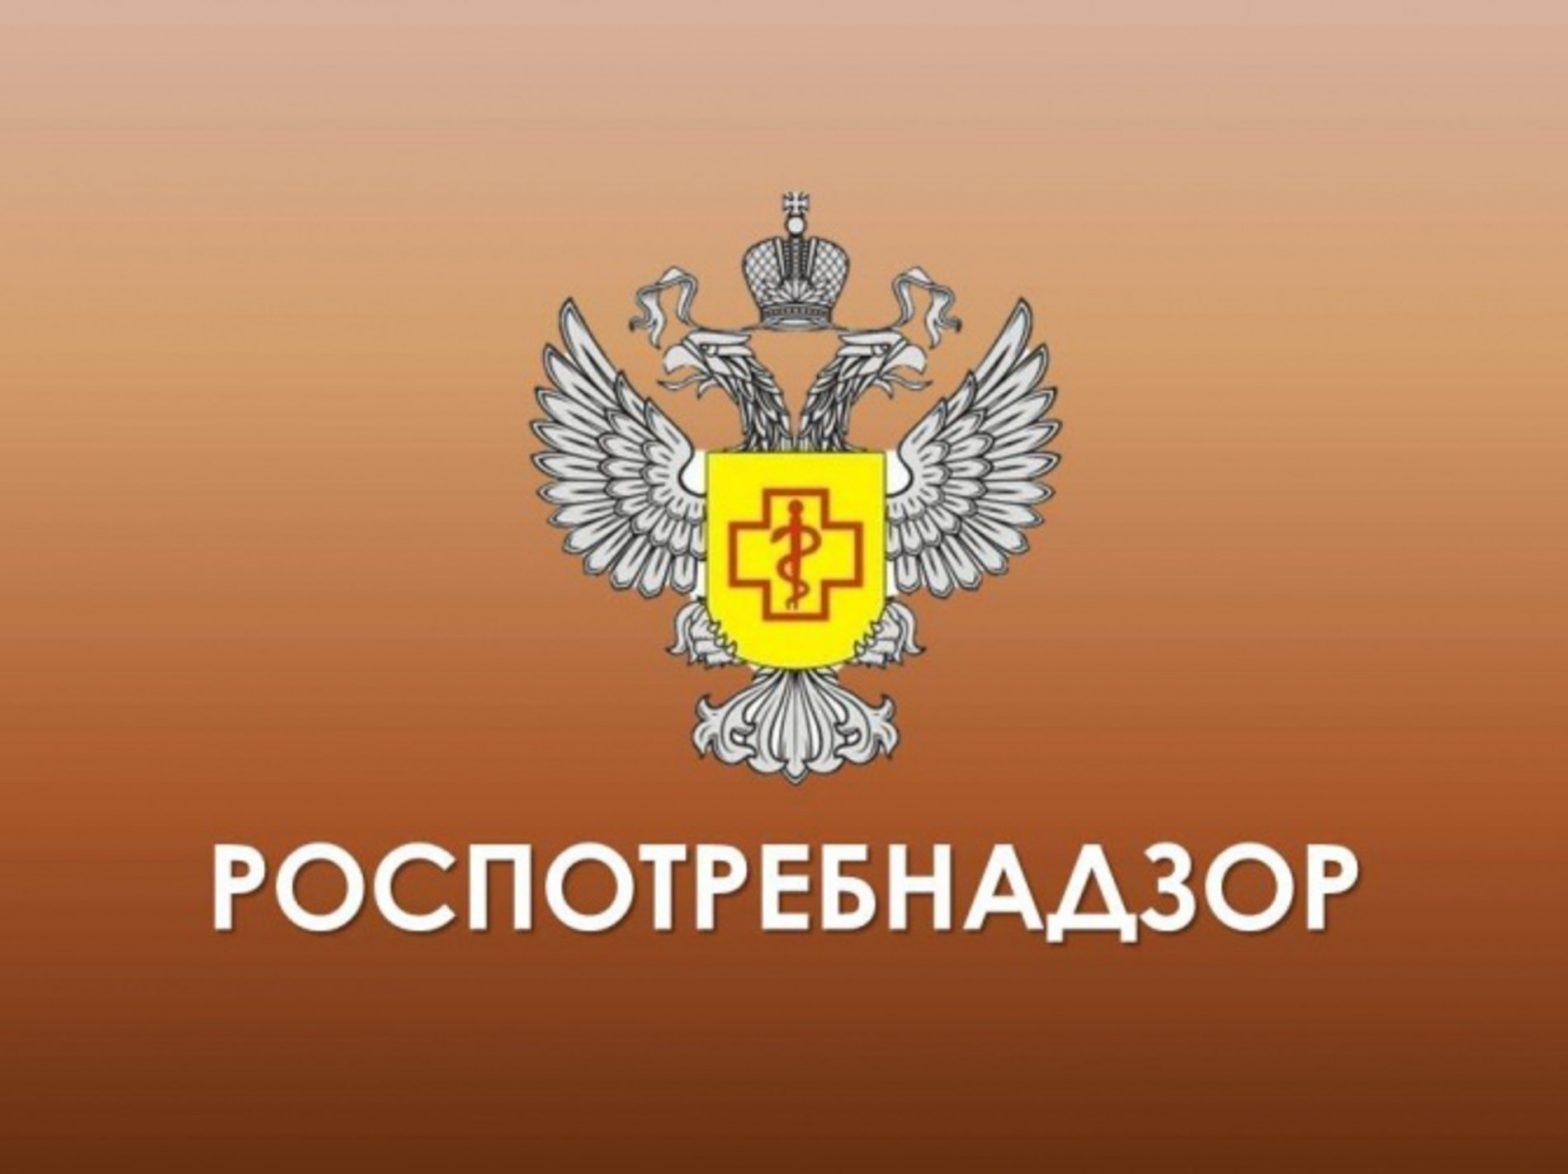 План  тематических «горячих линий» Управления Роспотребнадзора по Приморскому краю на 2020 г.